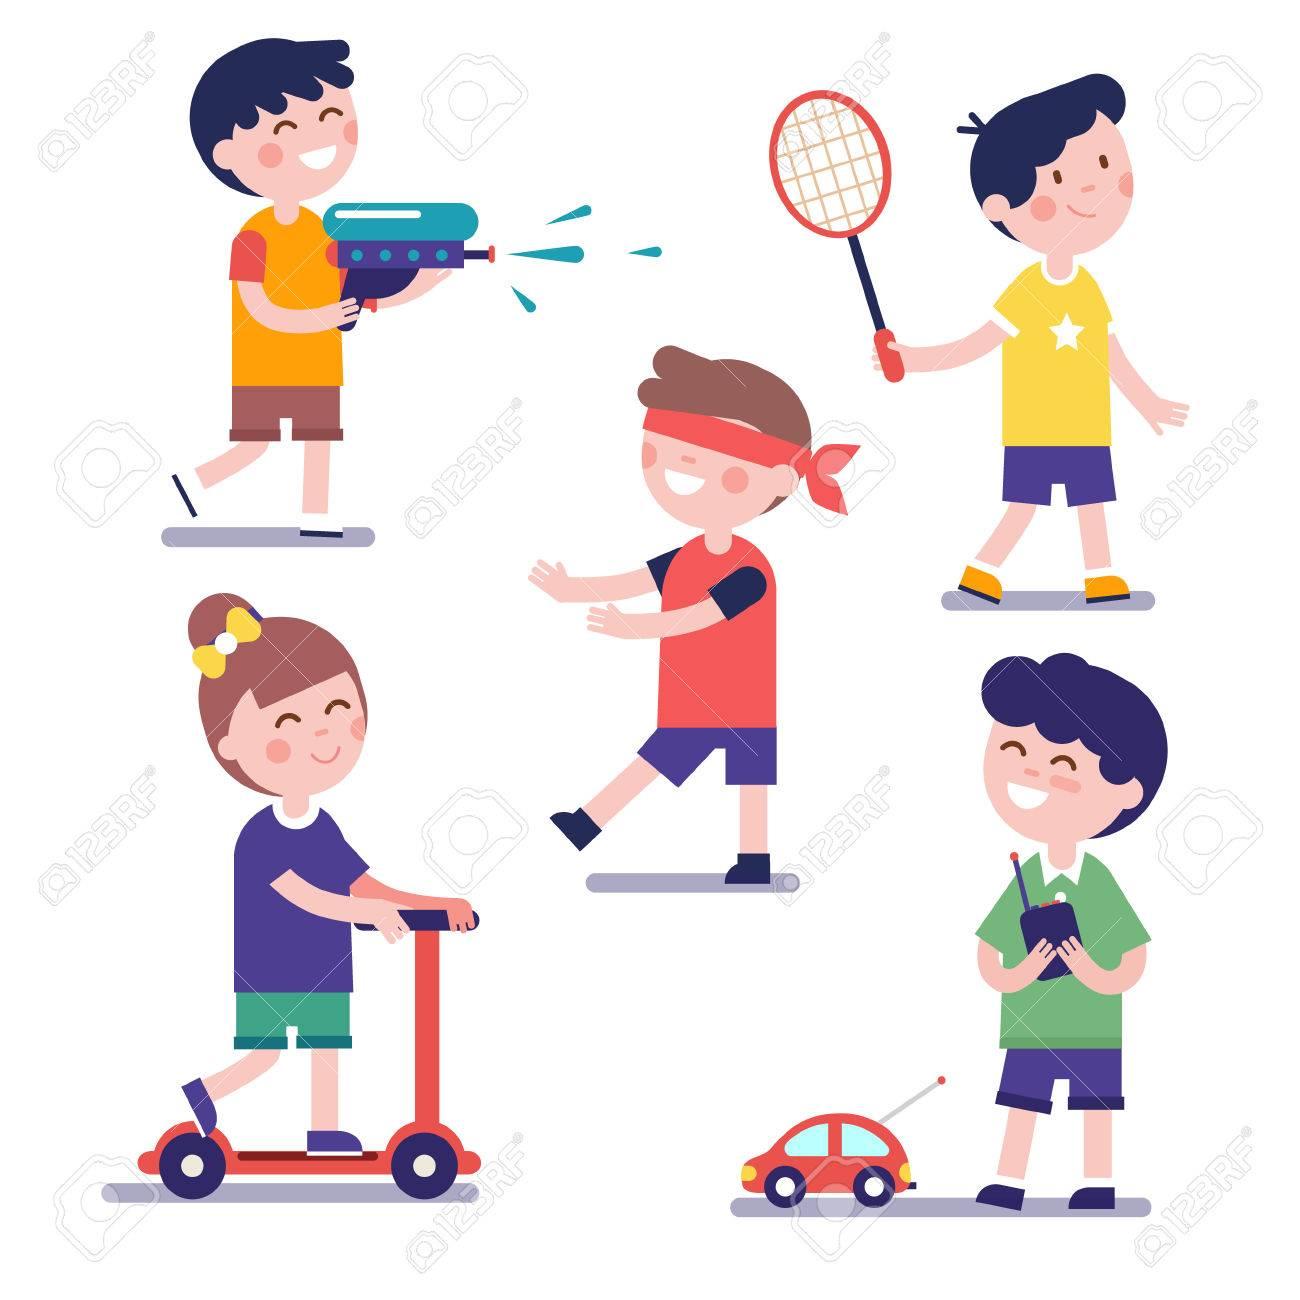 Se pueden configurar varios niños jugando. Ilustración del estilo moderno  plano. clipart personaje de dibujos animados..